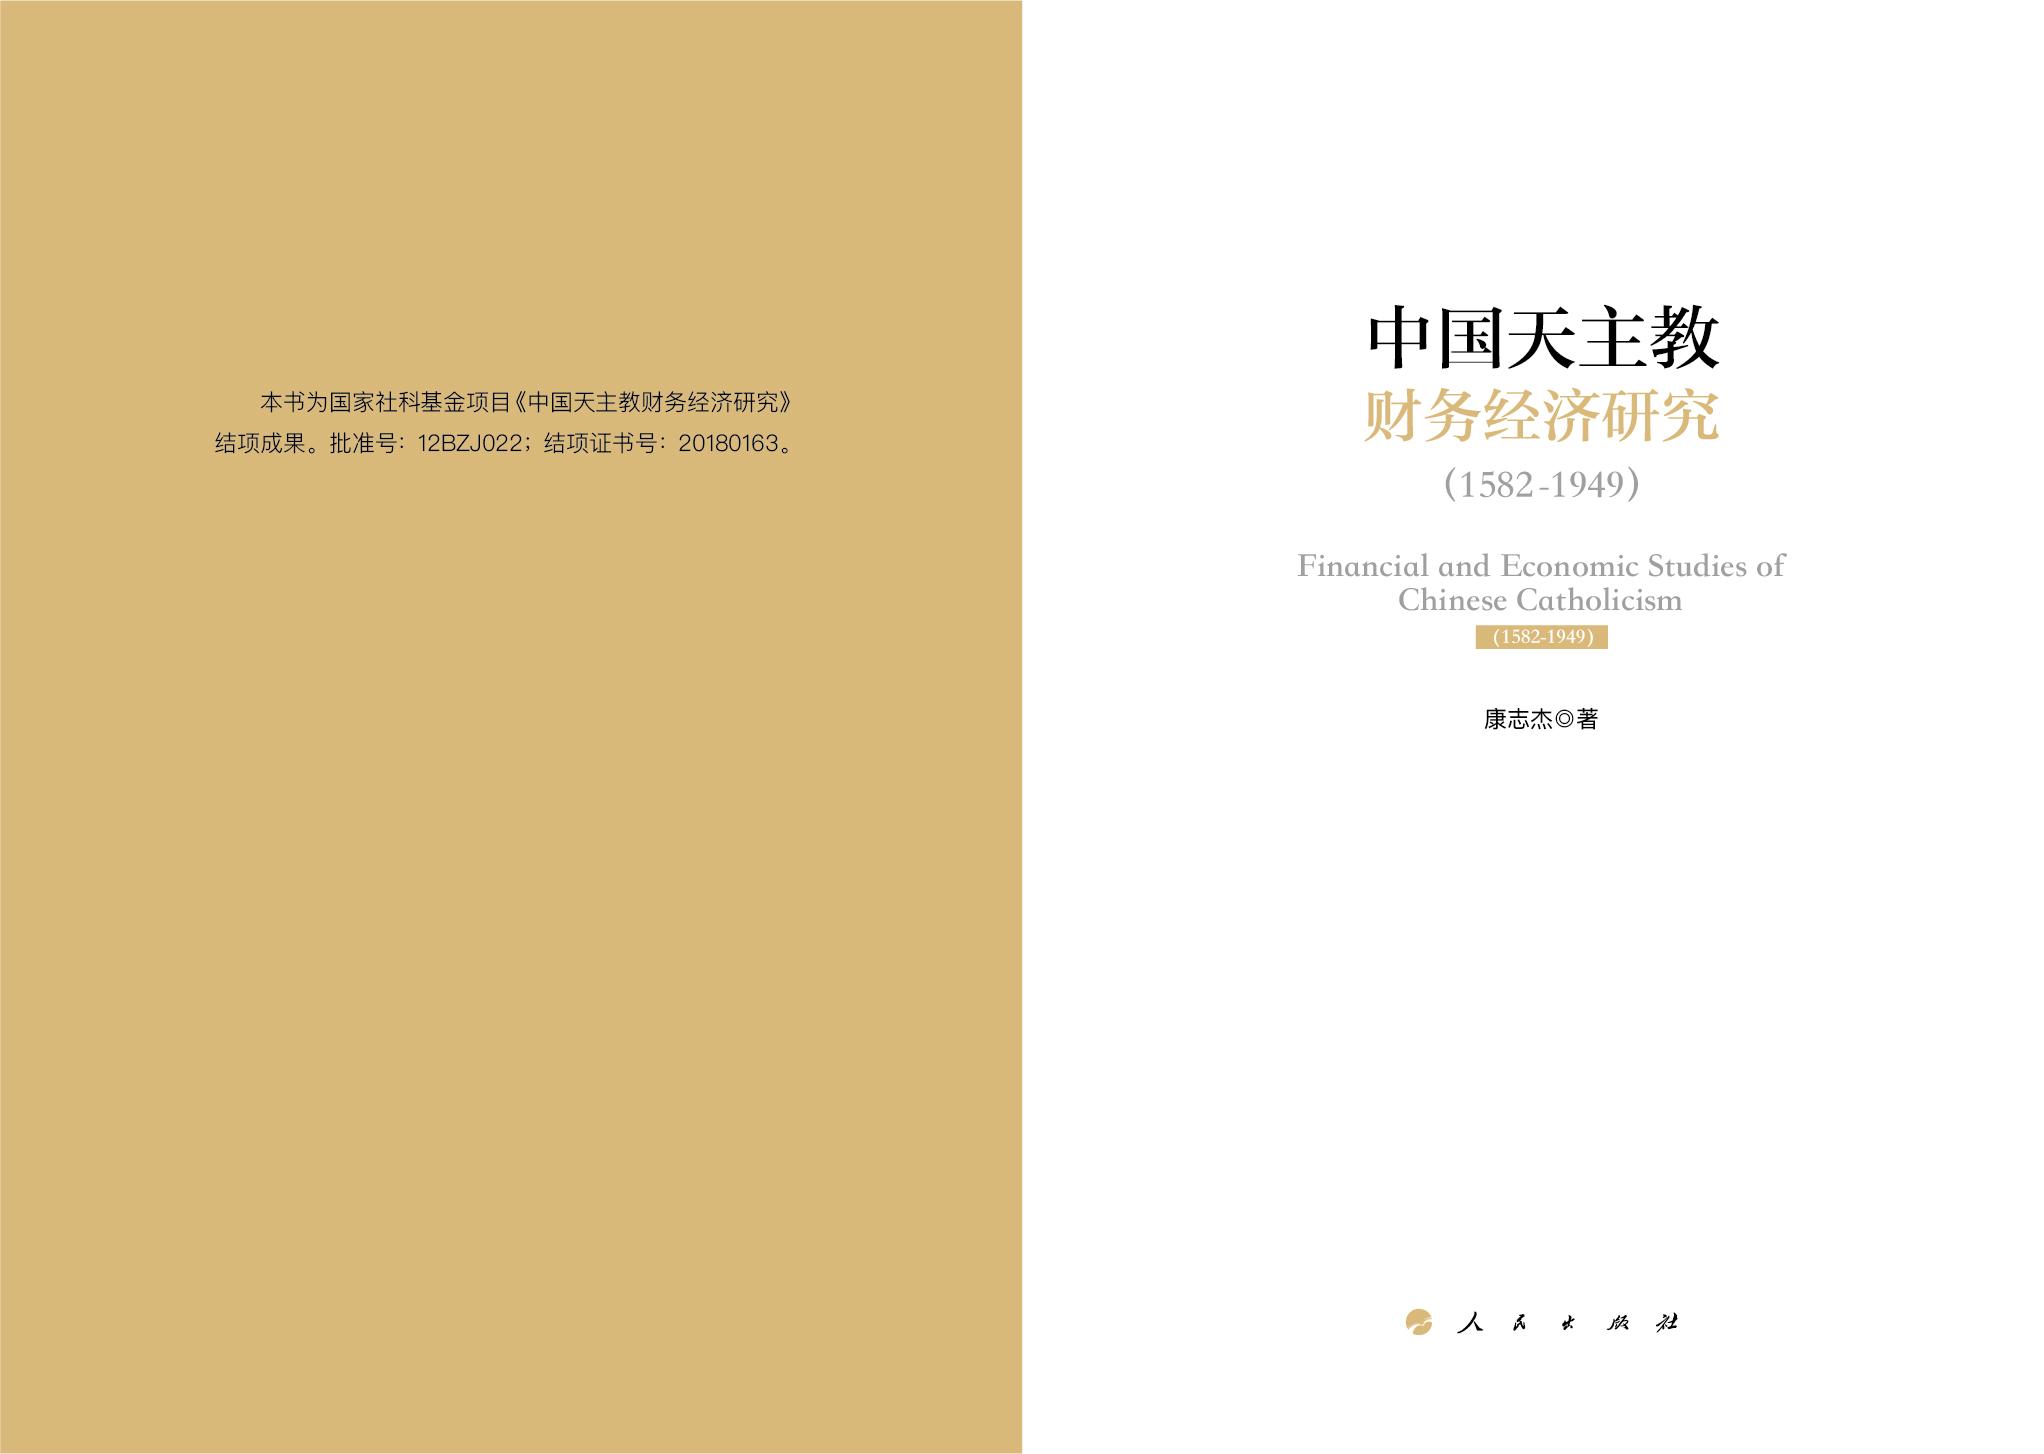 康志杰:《中国天主教财务经济研究(1582-1949)》(2019)